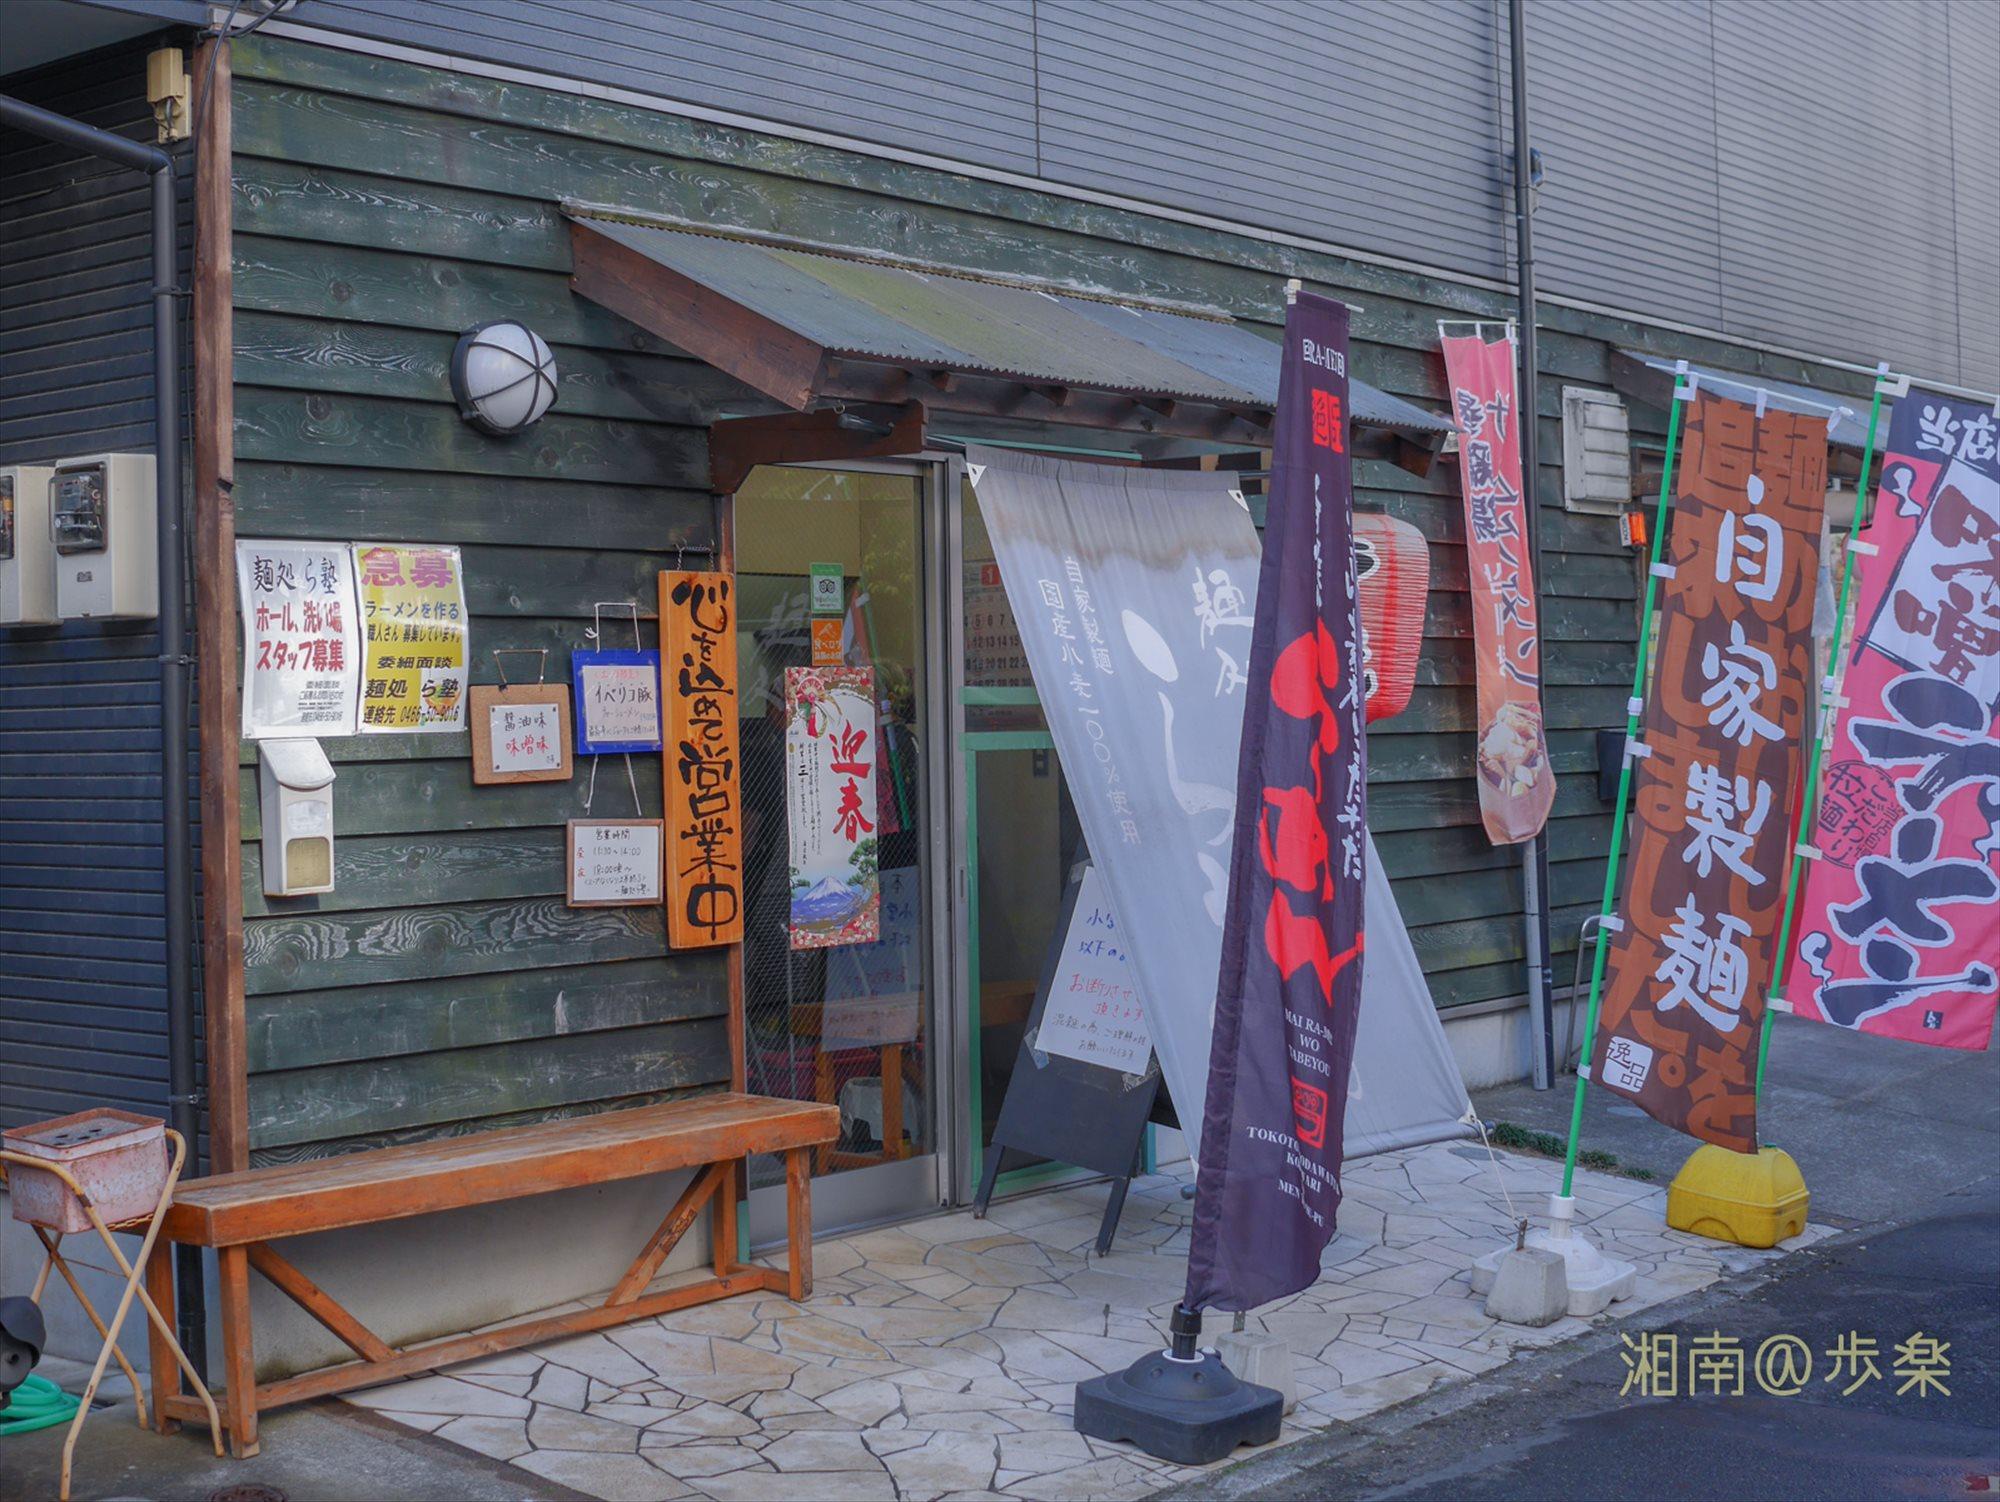 ら塾:故佐野実氏の店舗で修行された店主